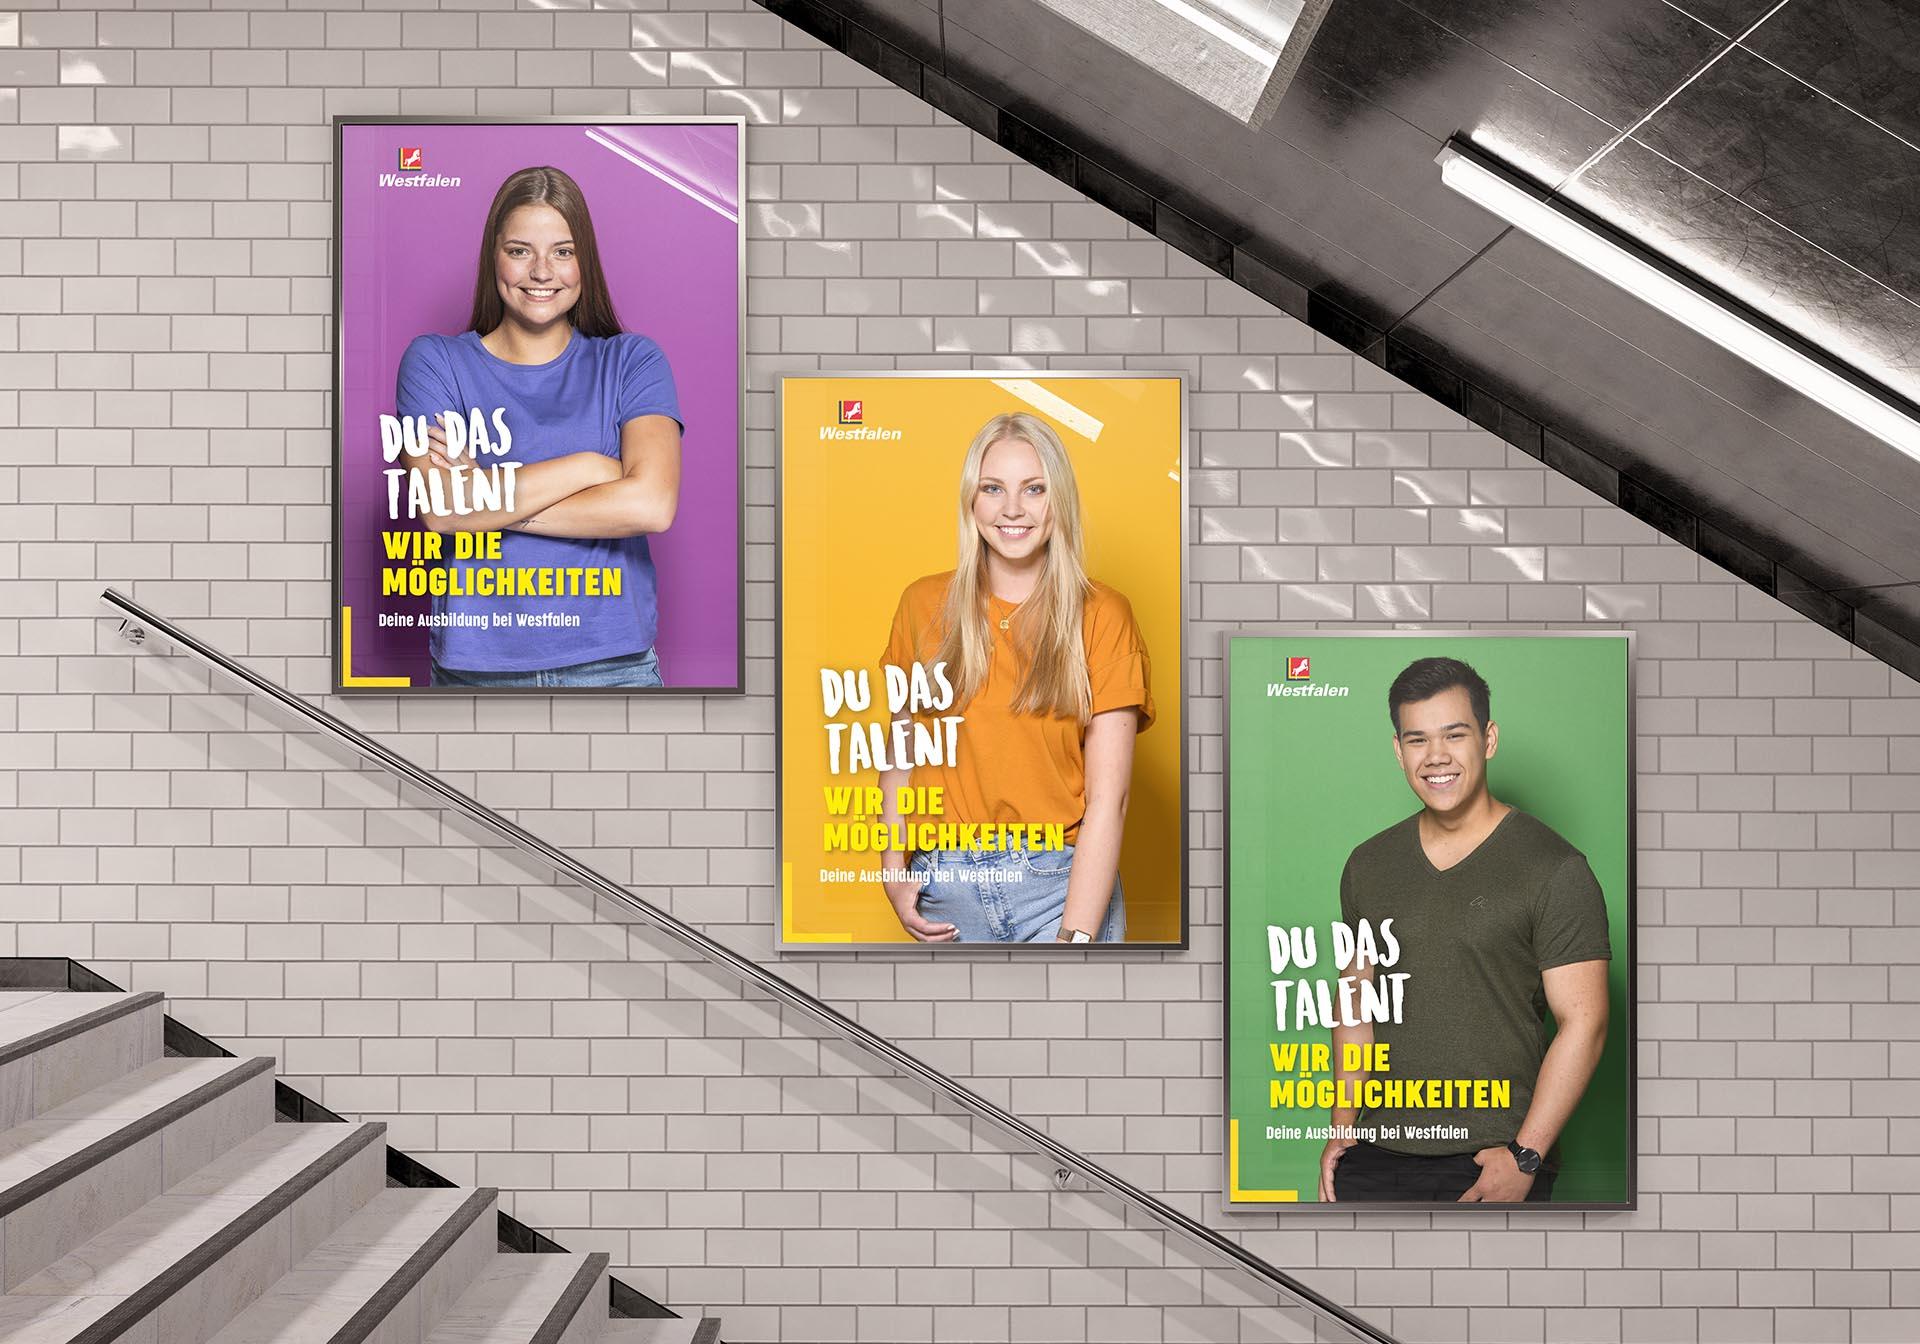 Entwicklung Azubi-Kampagne für Westfalen Group, Webdesign, Videoclips, Social-Media, Werbung